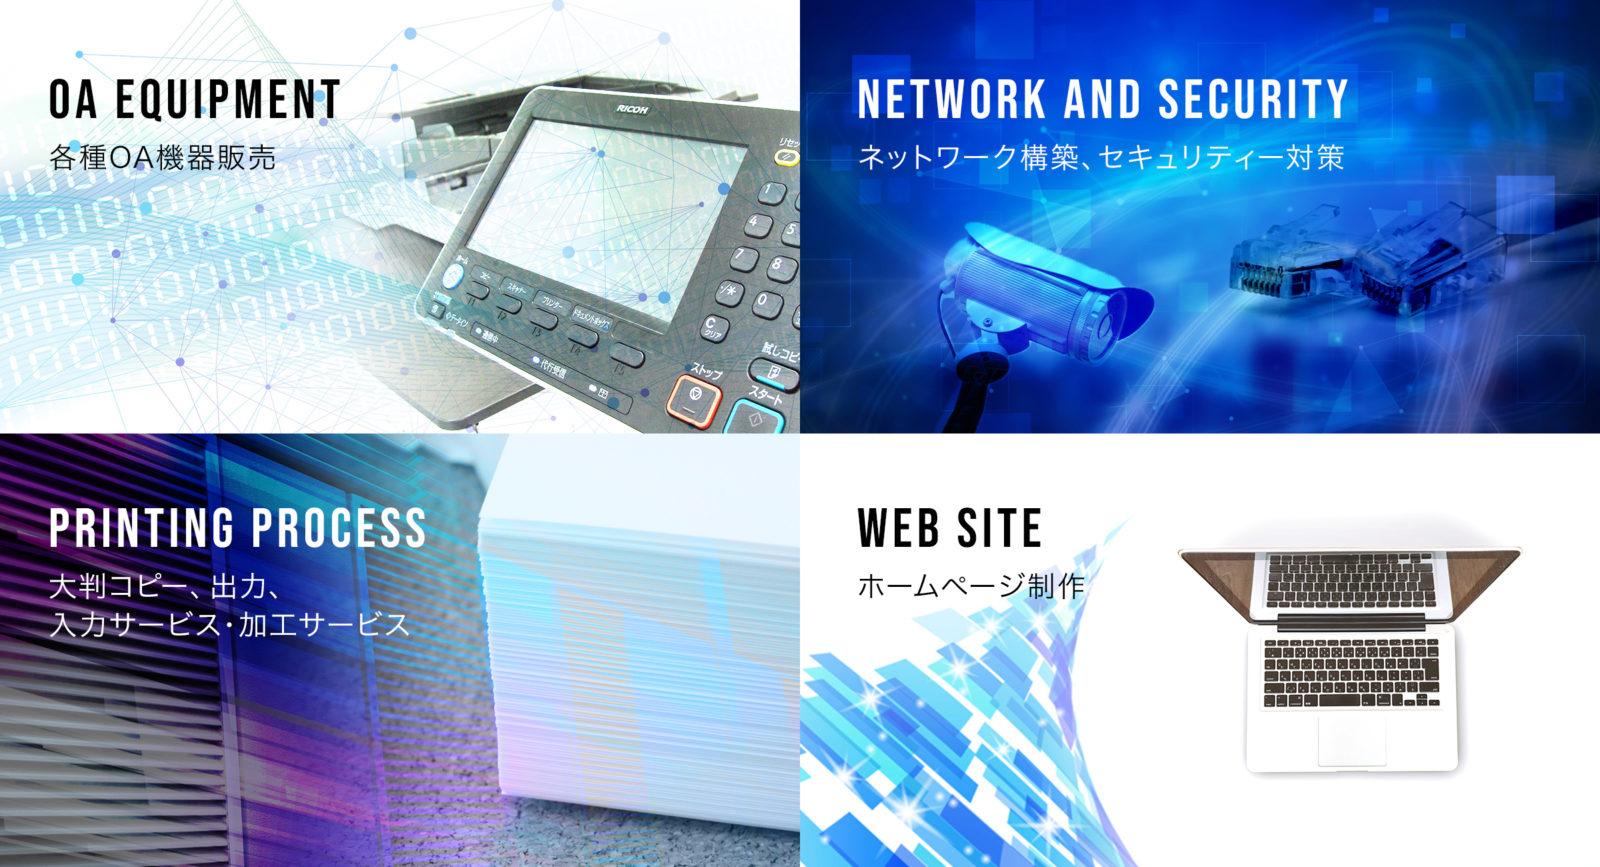 各種OA機器販売、ネットワーク構築、セキュリティー対策、大判コピー、出力、入力サービス・加工サービス、ホームページ制作